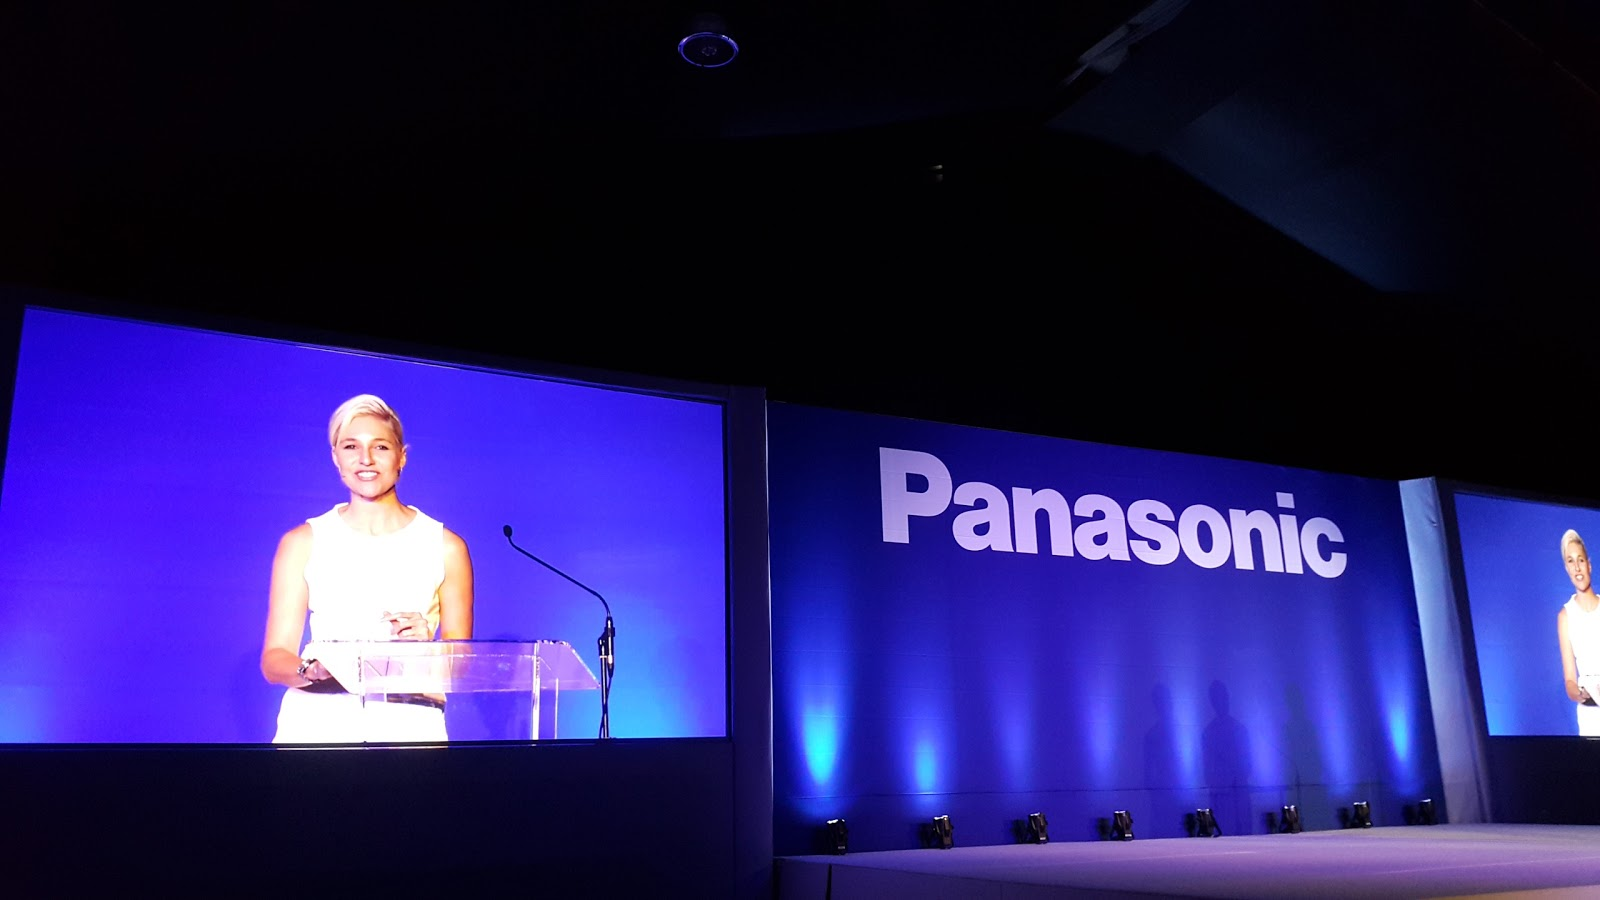 Liezel van der Westhuizen Panasonic Expo 2016